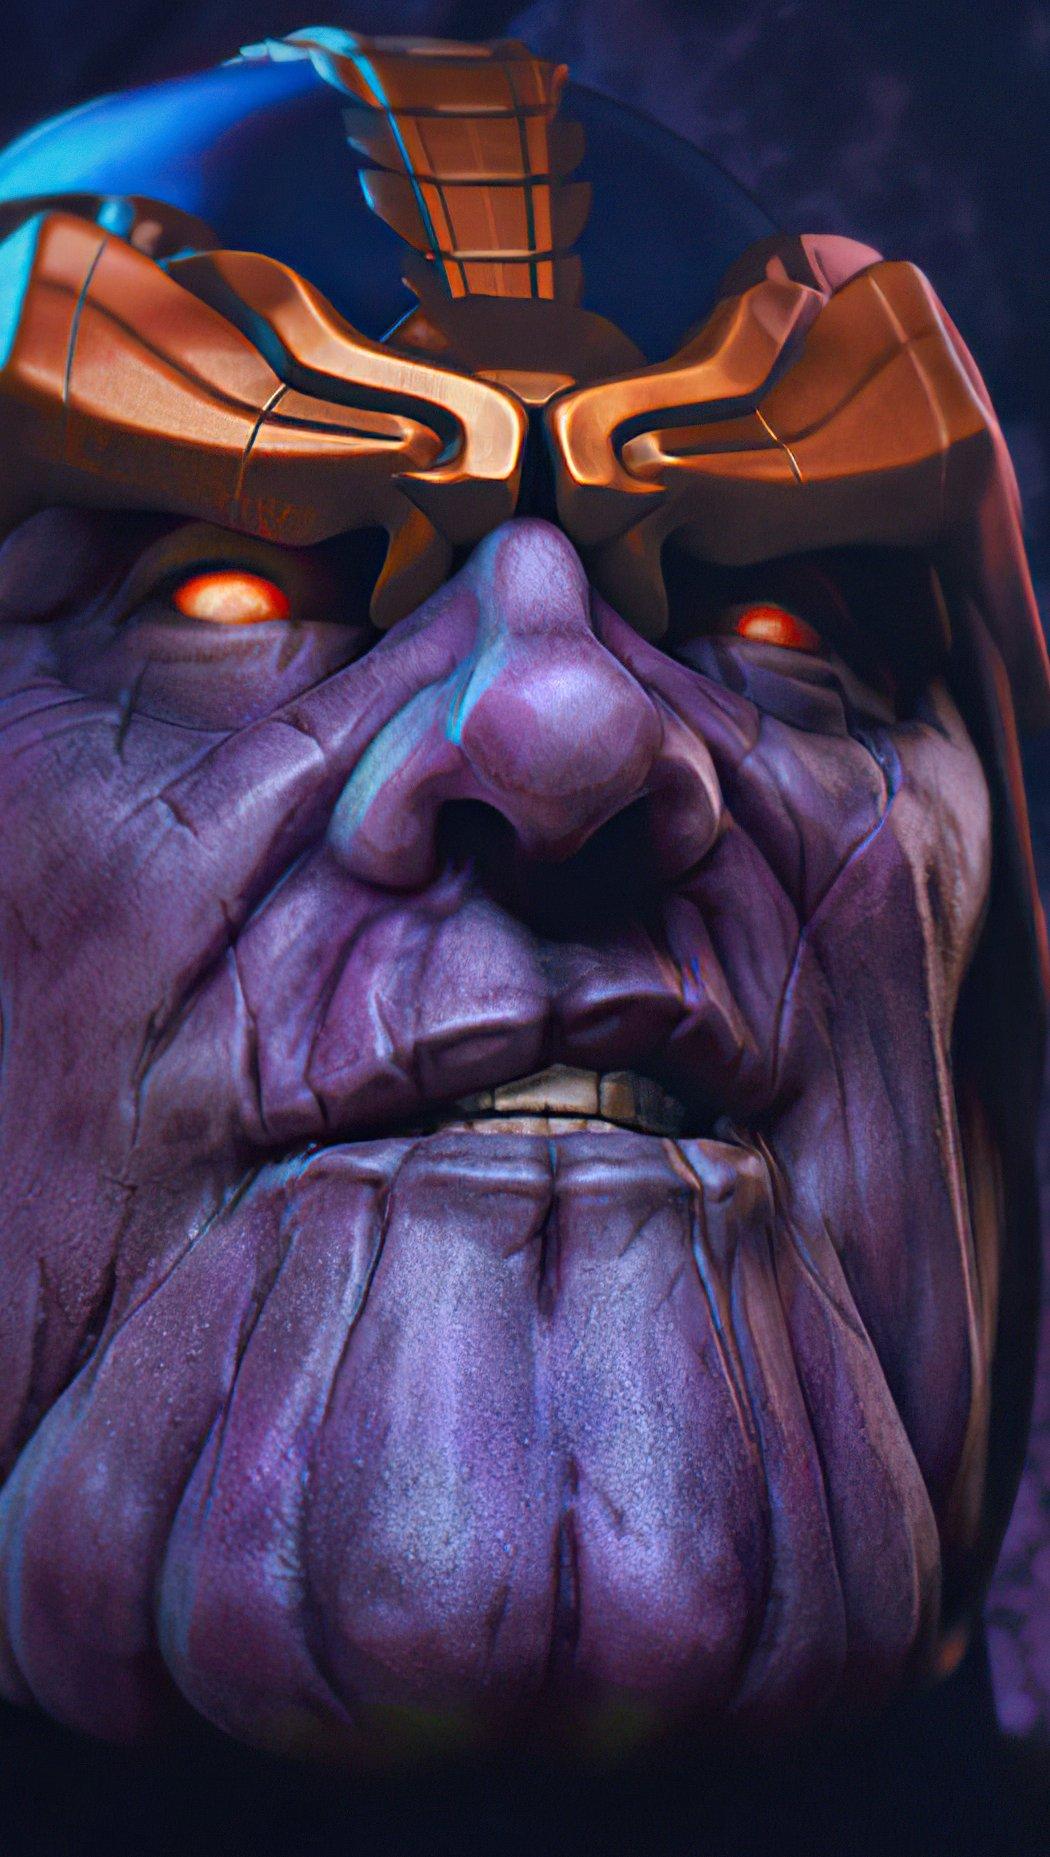 Wallpaper Thanos Artwork Vertical